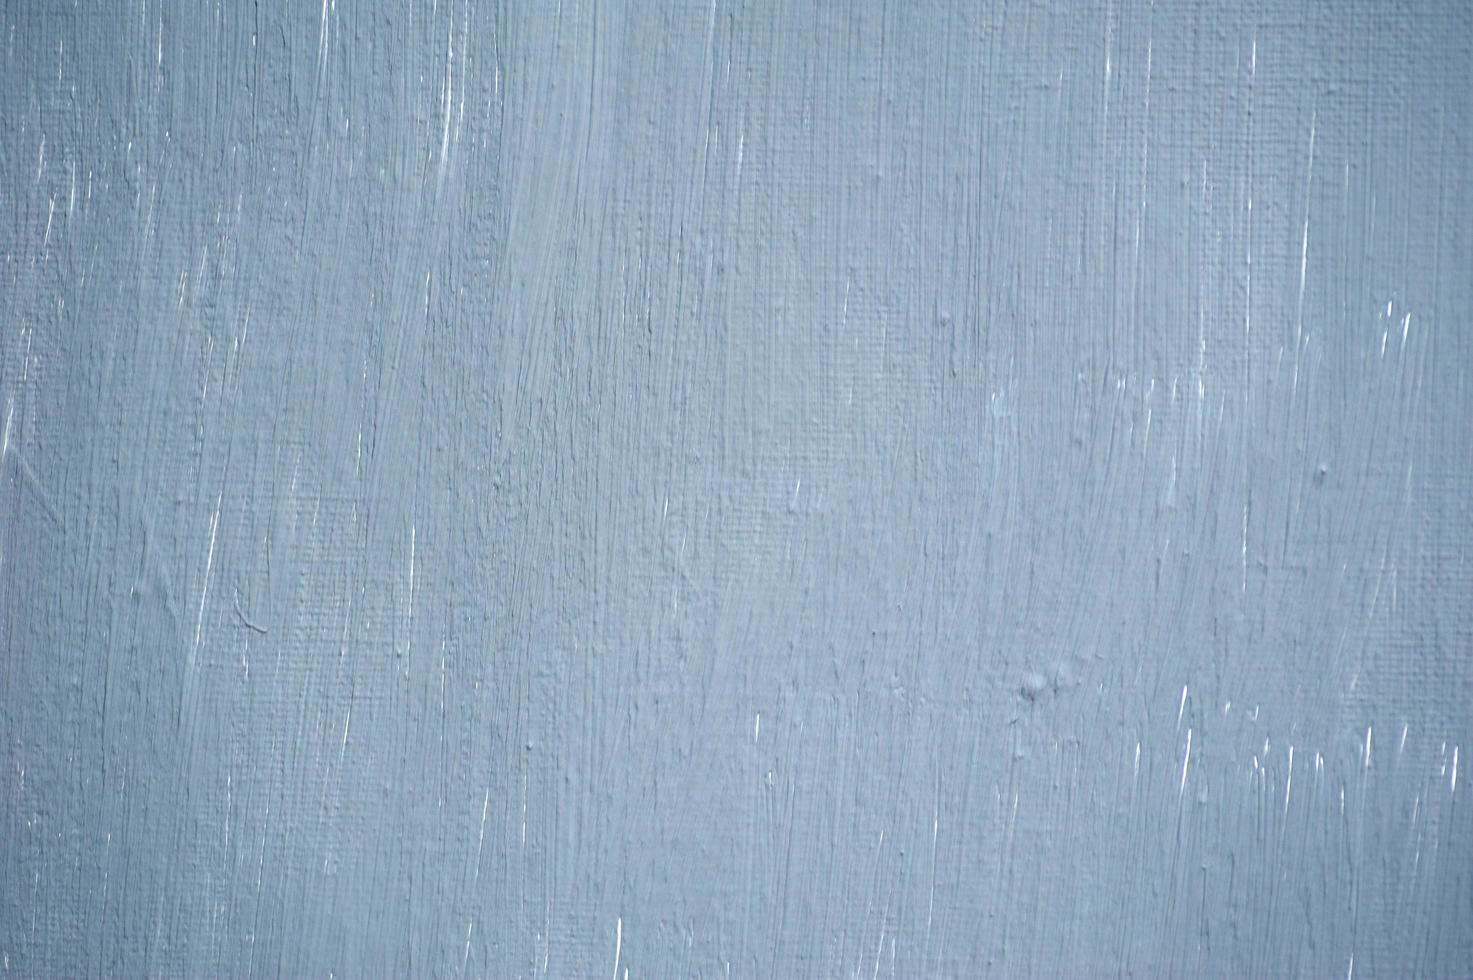 kleurende muur geschilderd door papier grijze kleur kan worden gebruikt als behang of textuur achtergrond foto